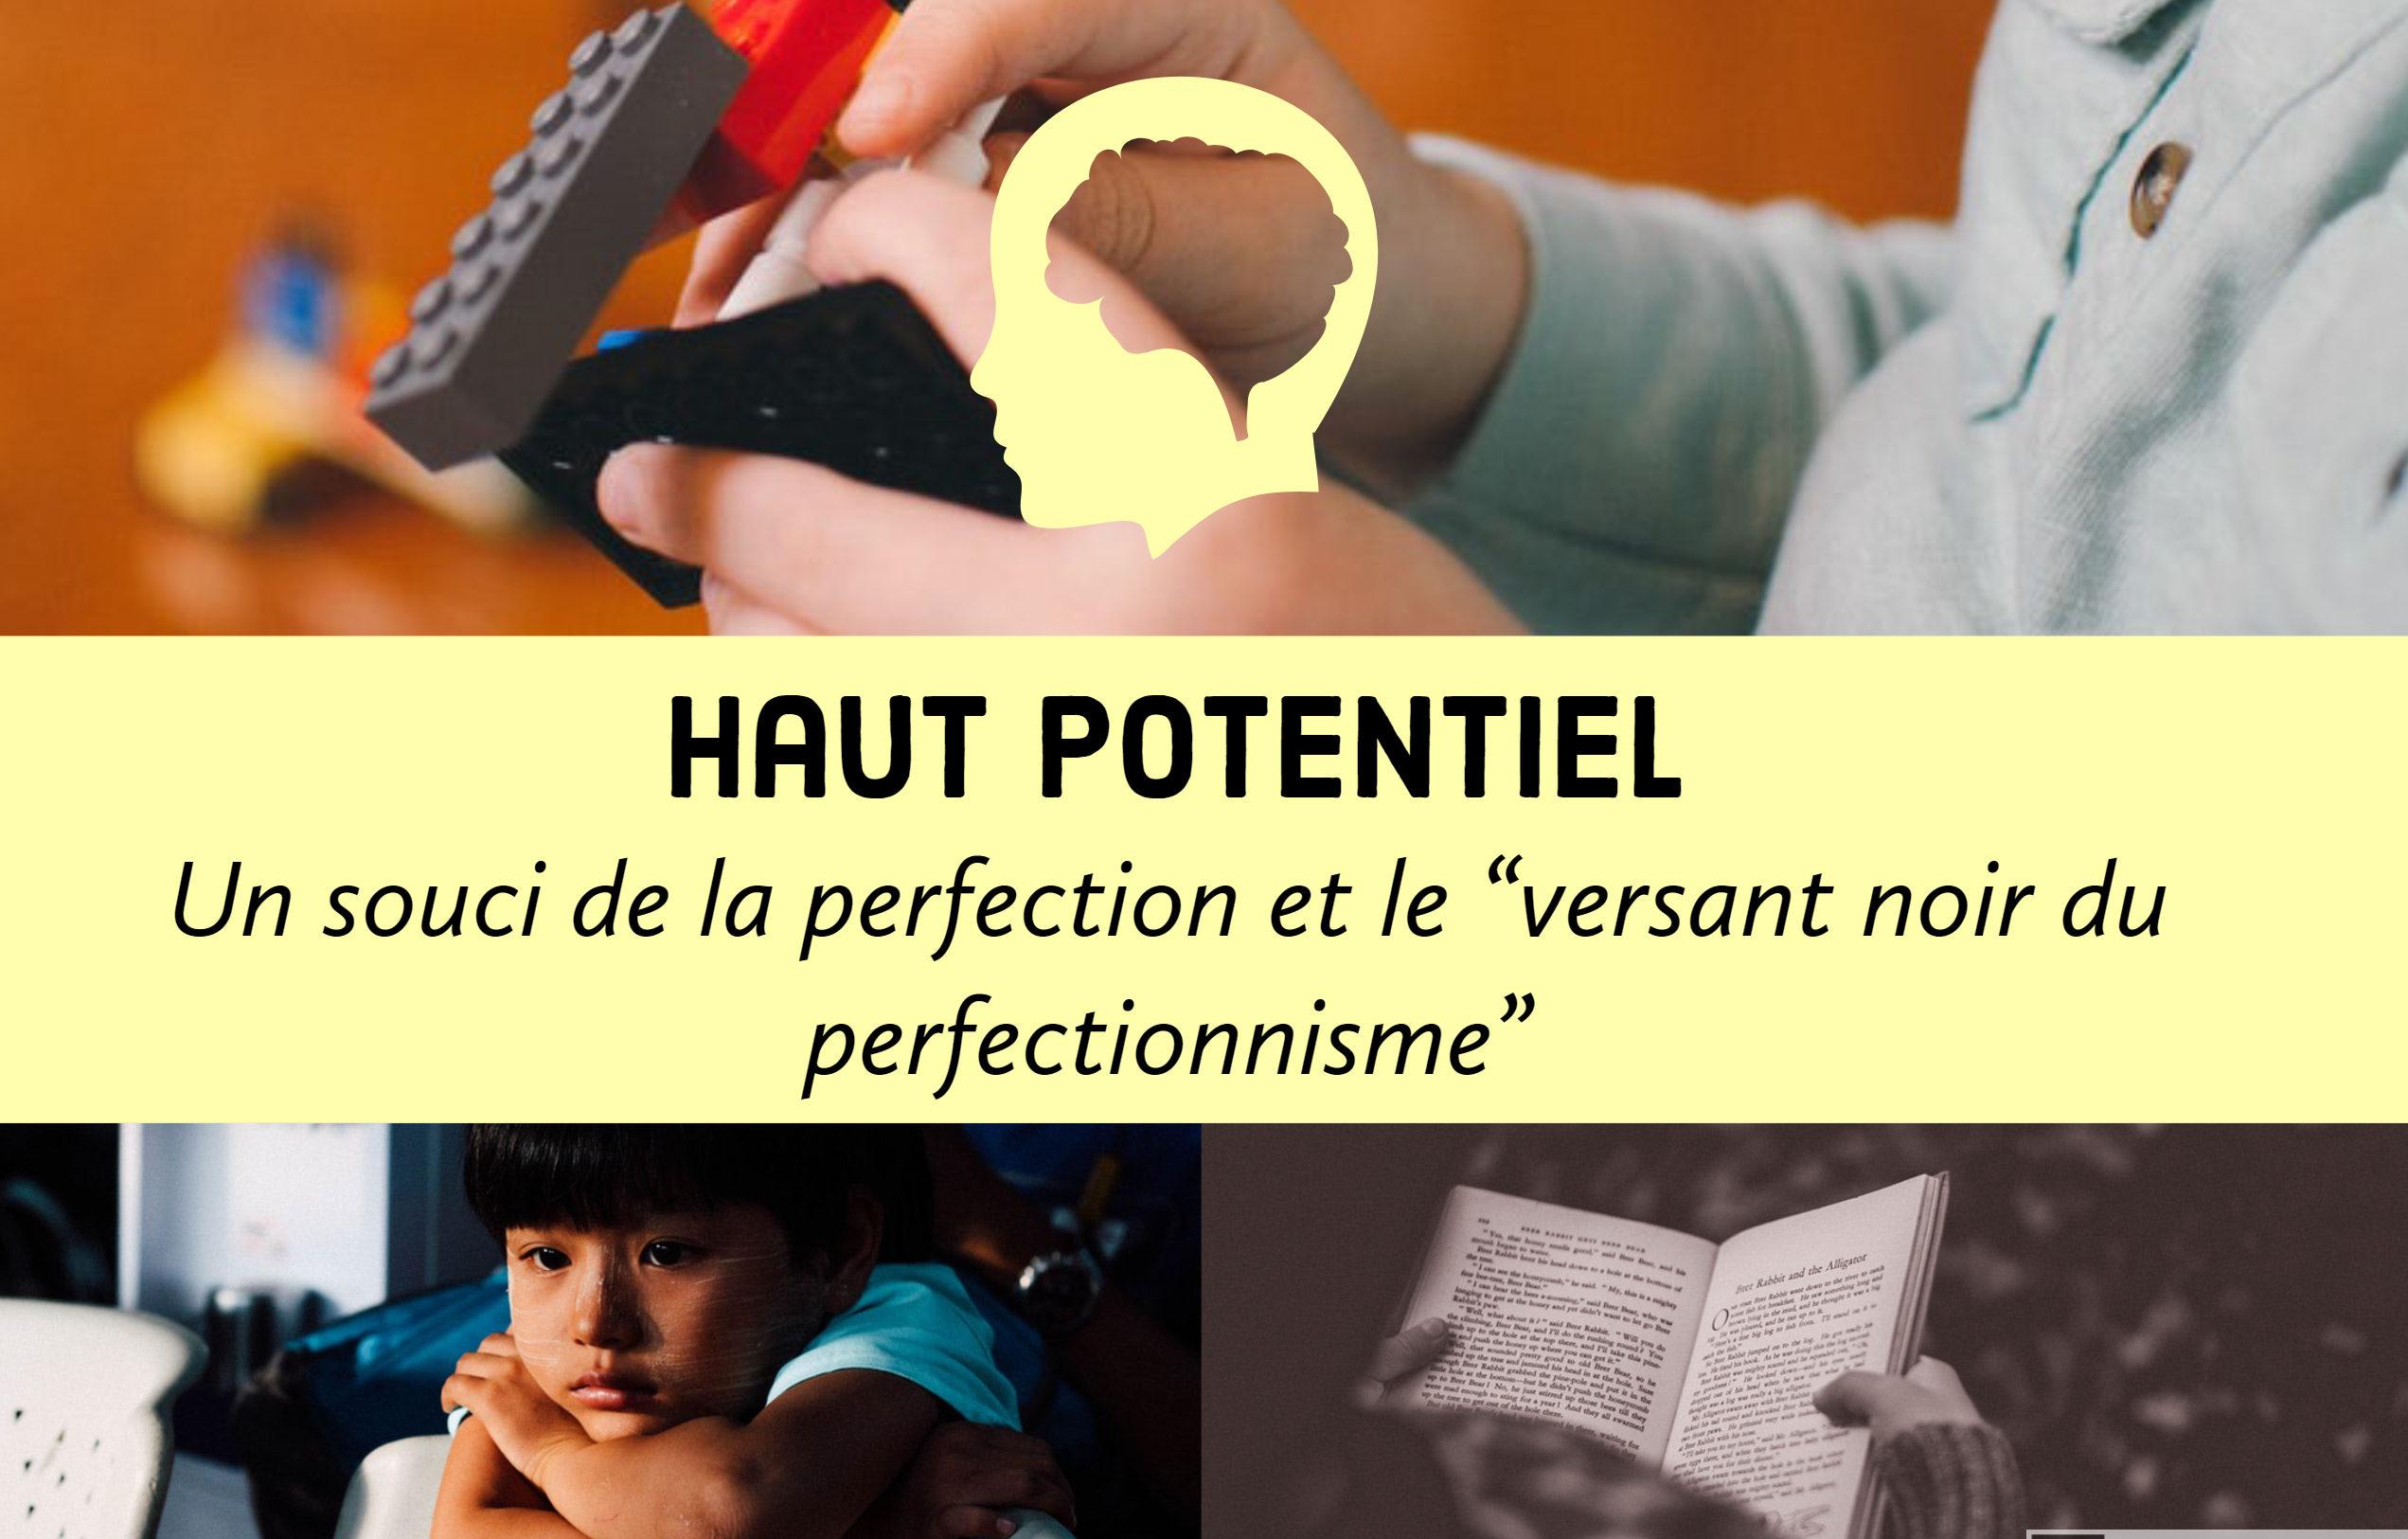 perfectionnisme haut potentiel